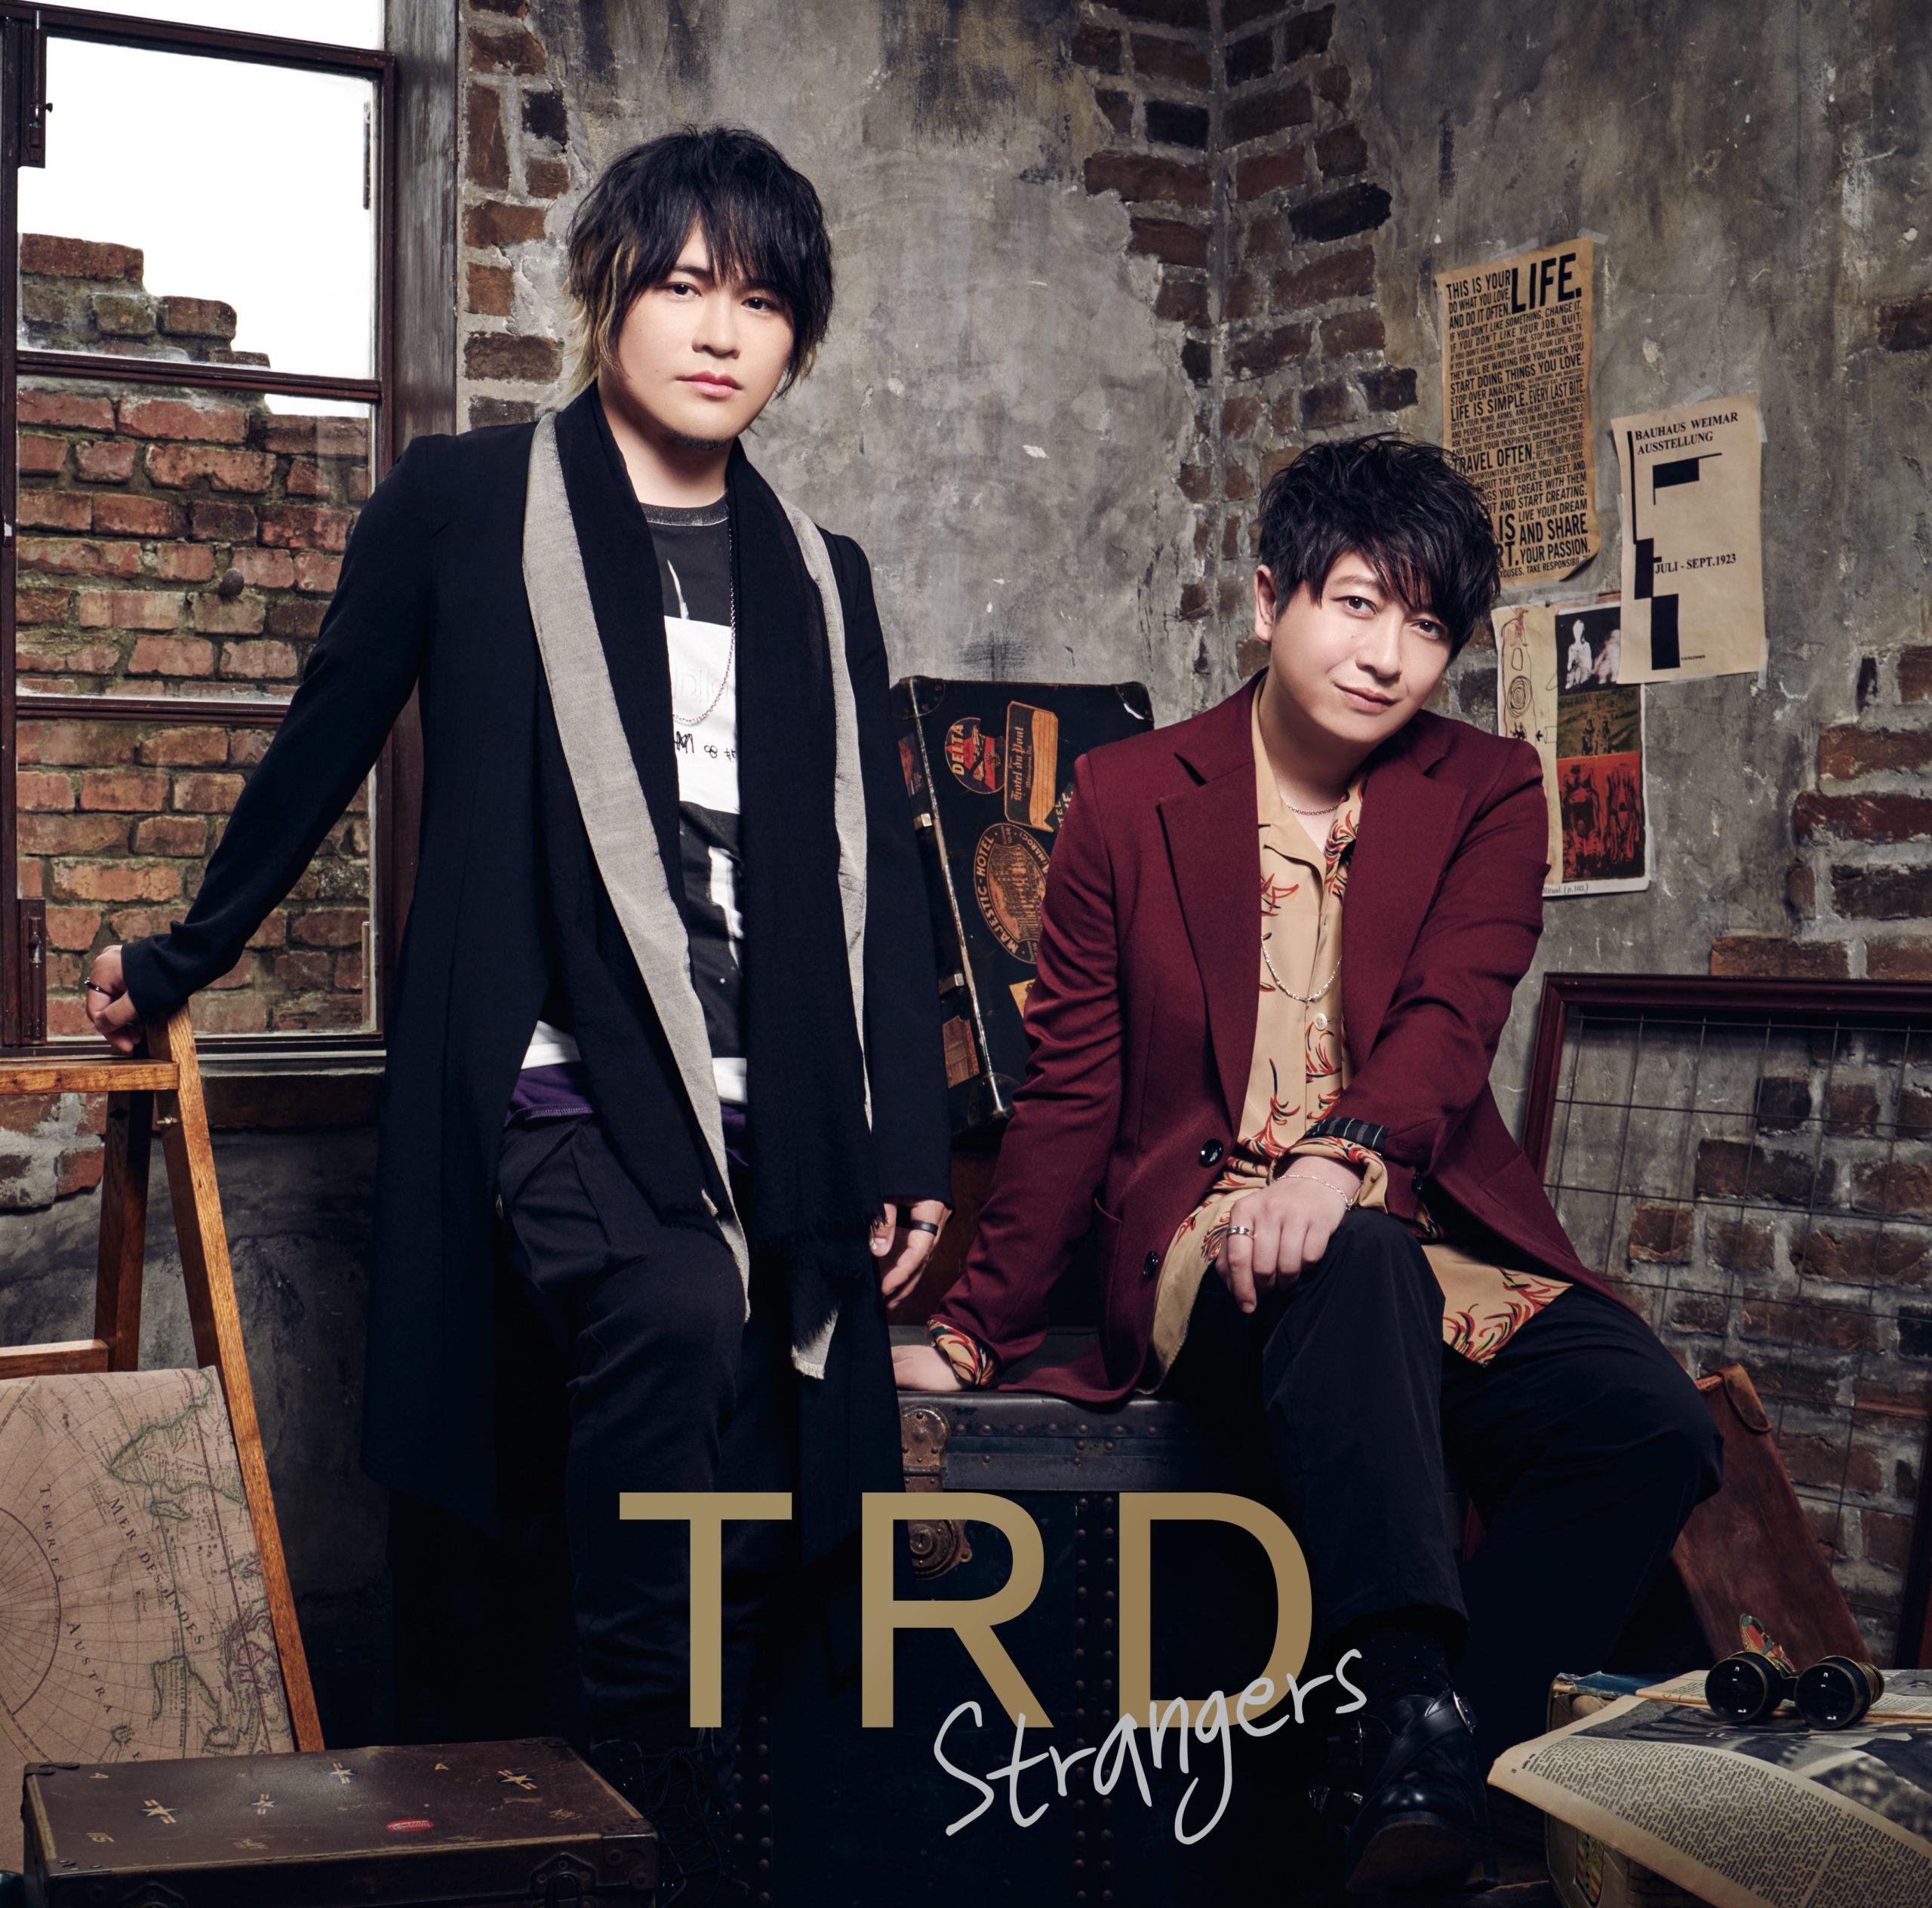 TRD 1st シングル「Strangers」